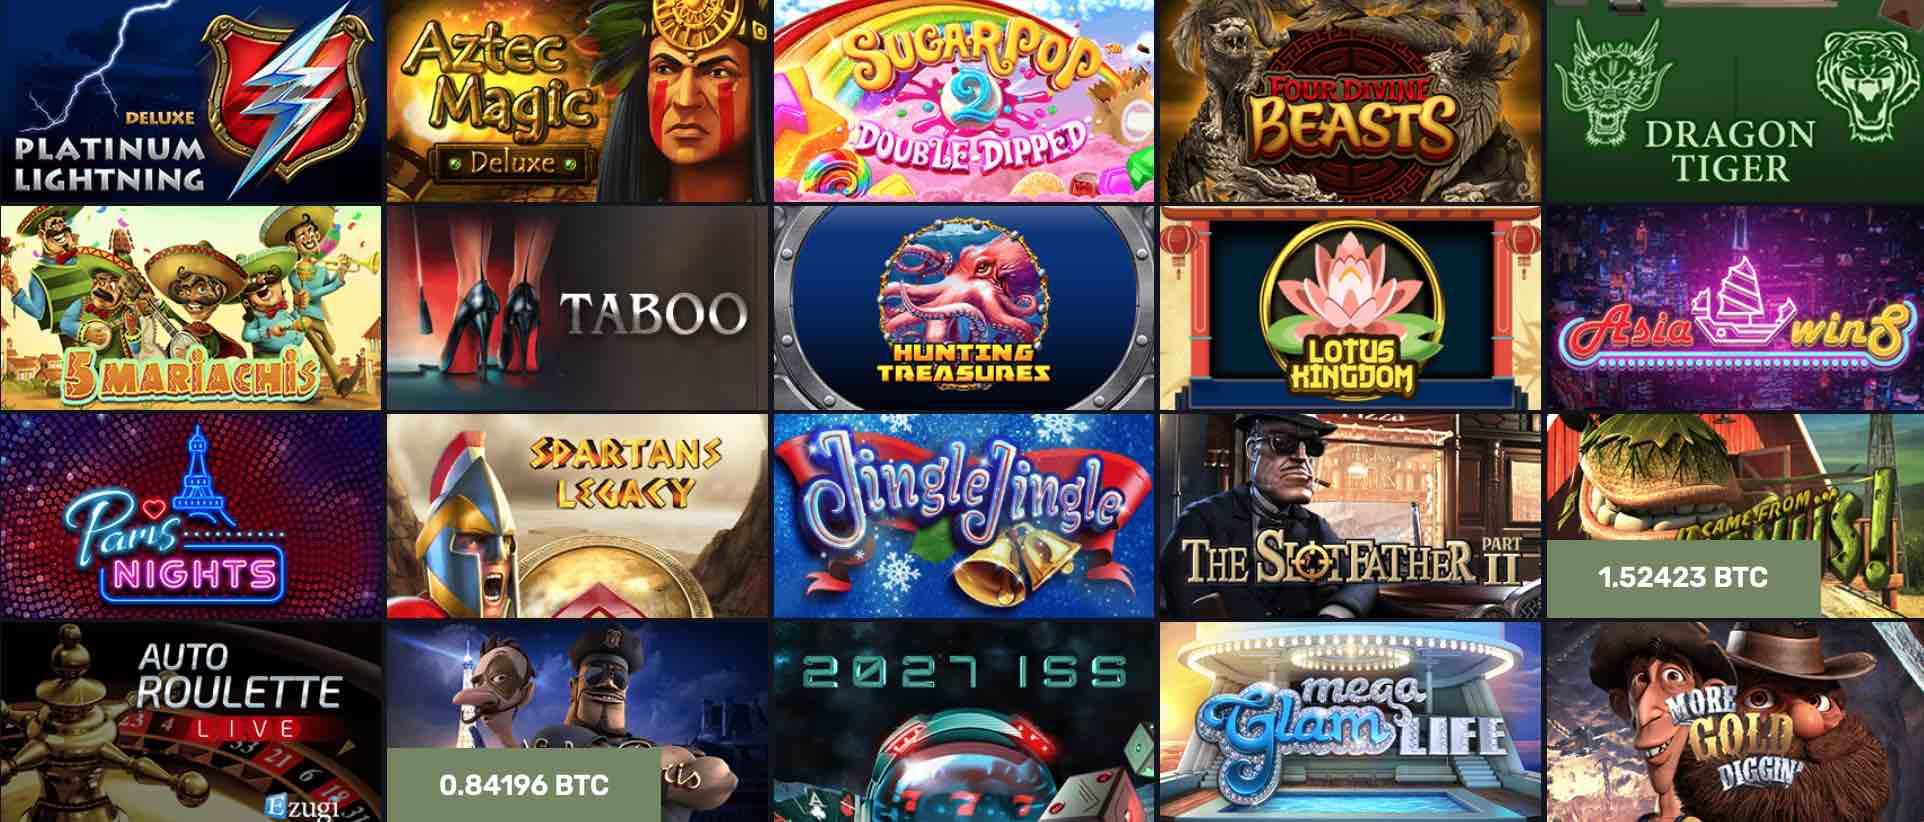 Casino 1 login